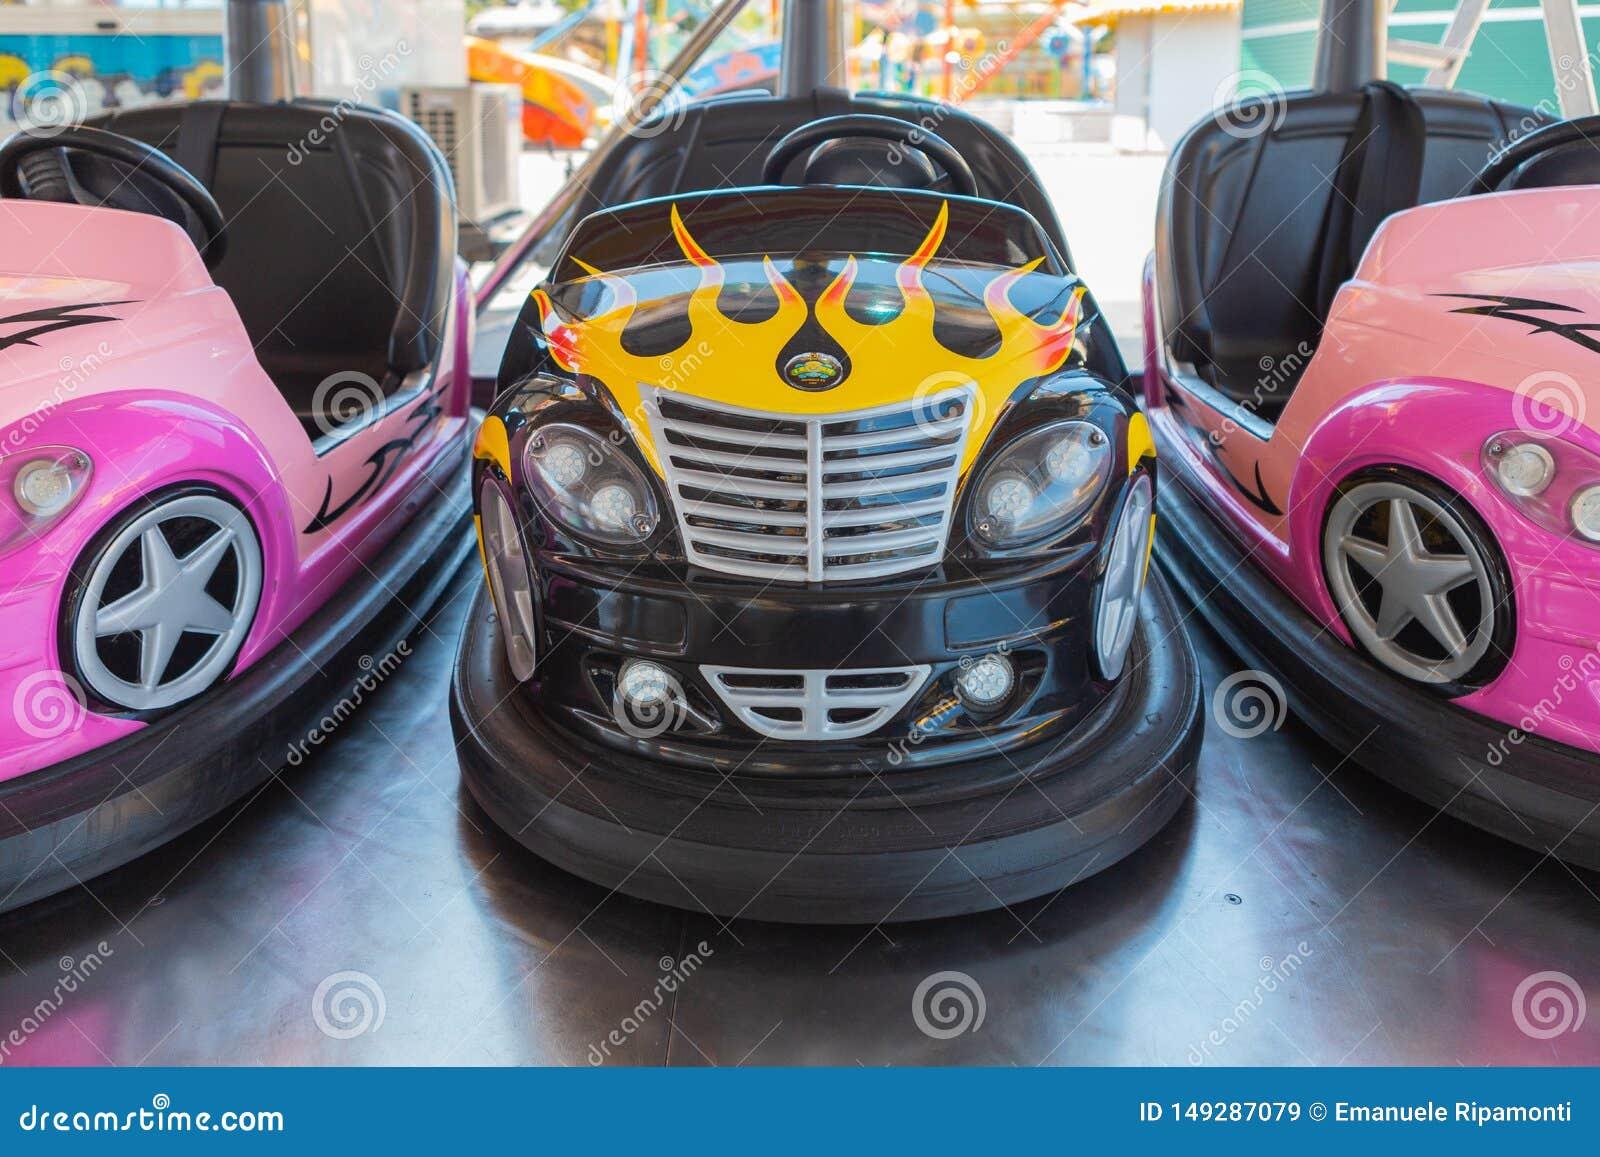 Carros abundantes coloridos pequenos para crian?as